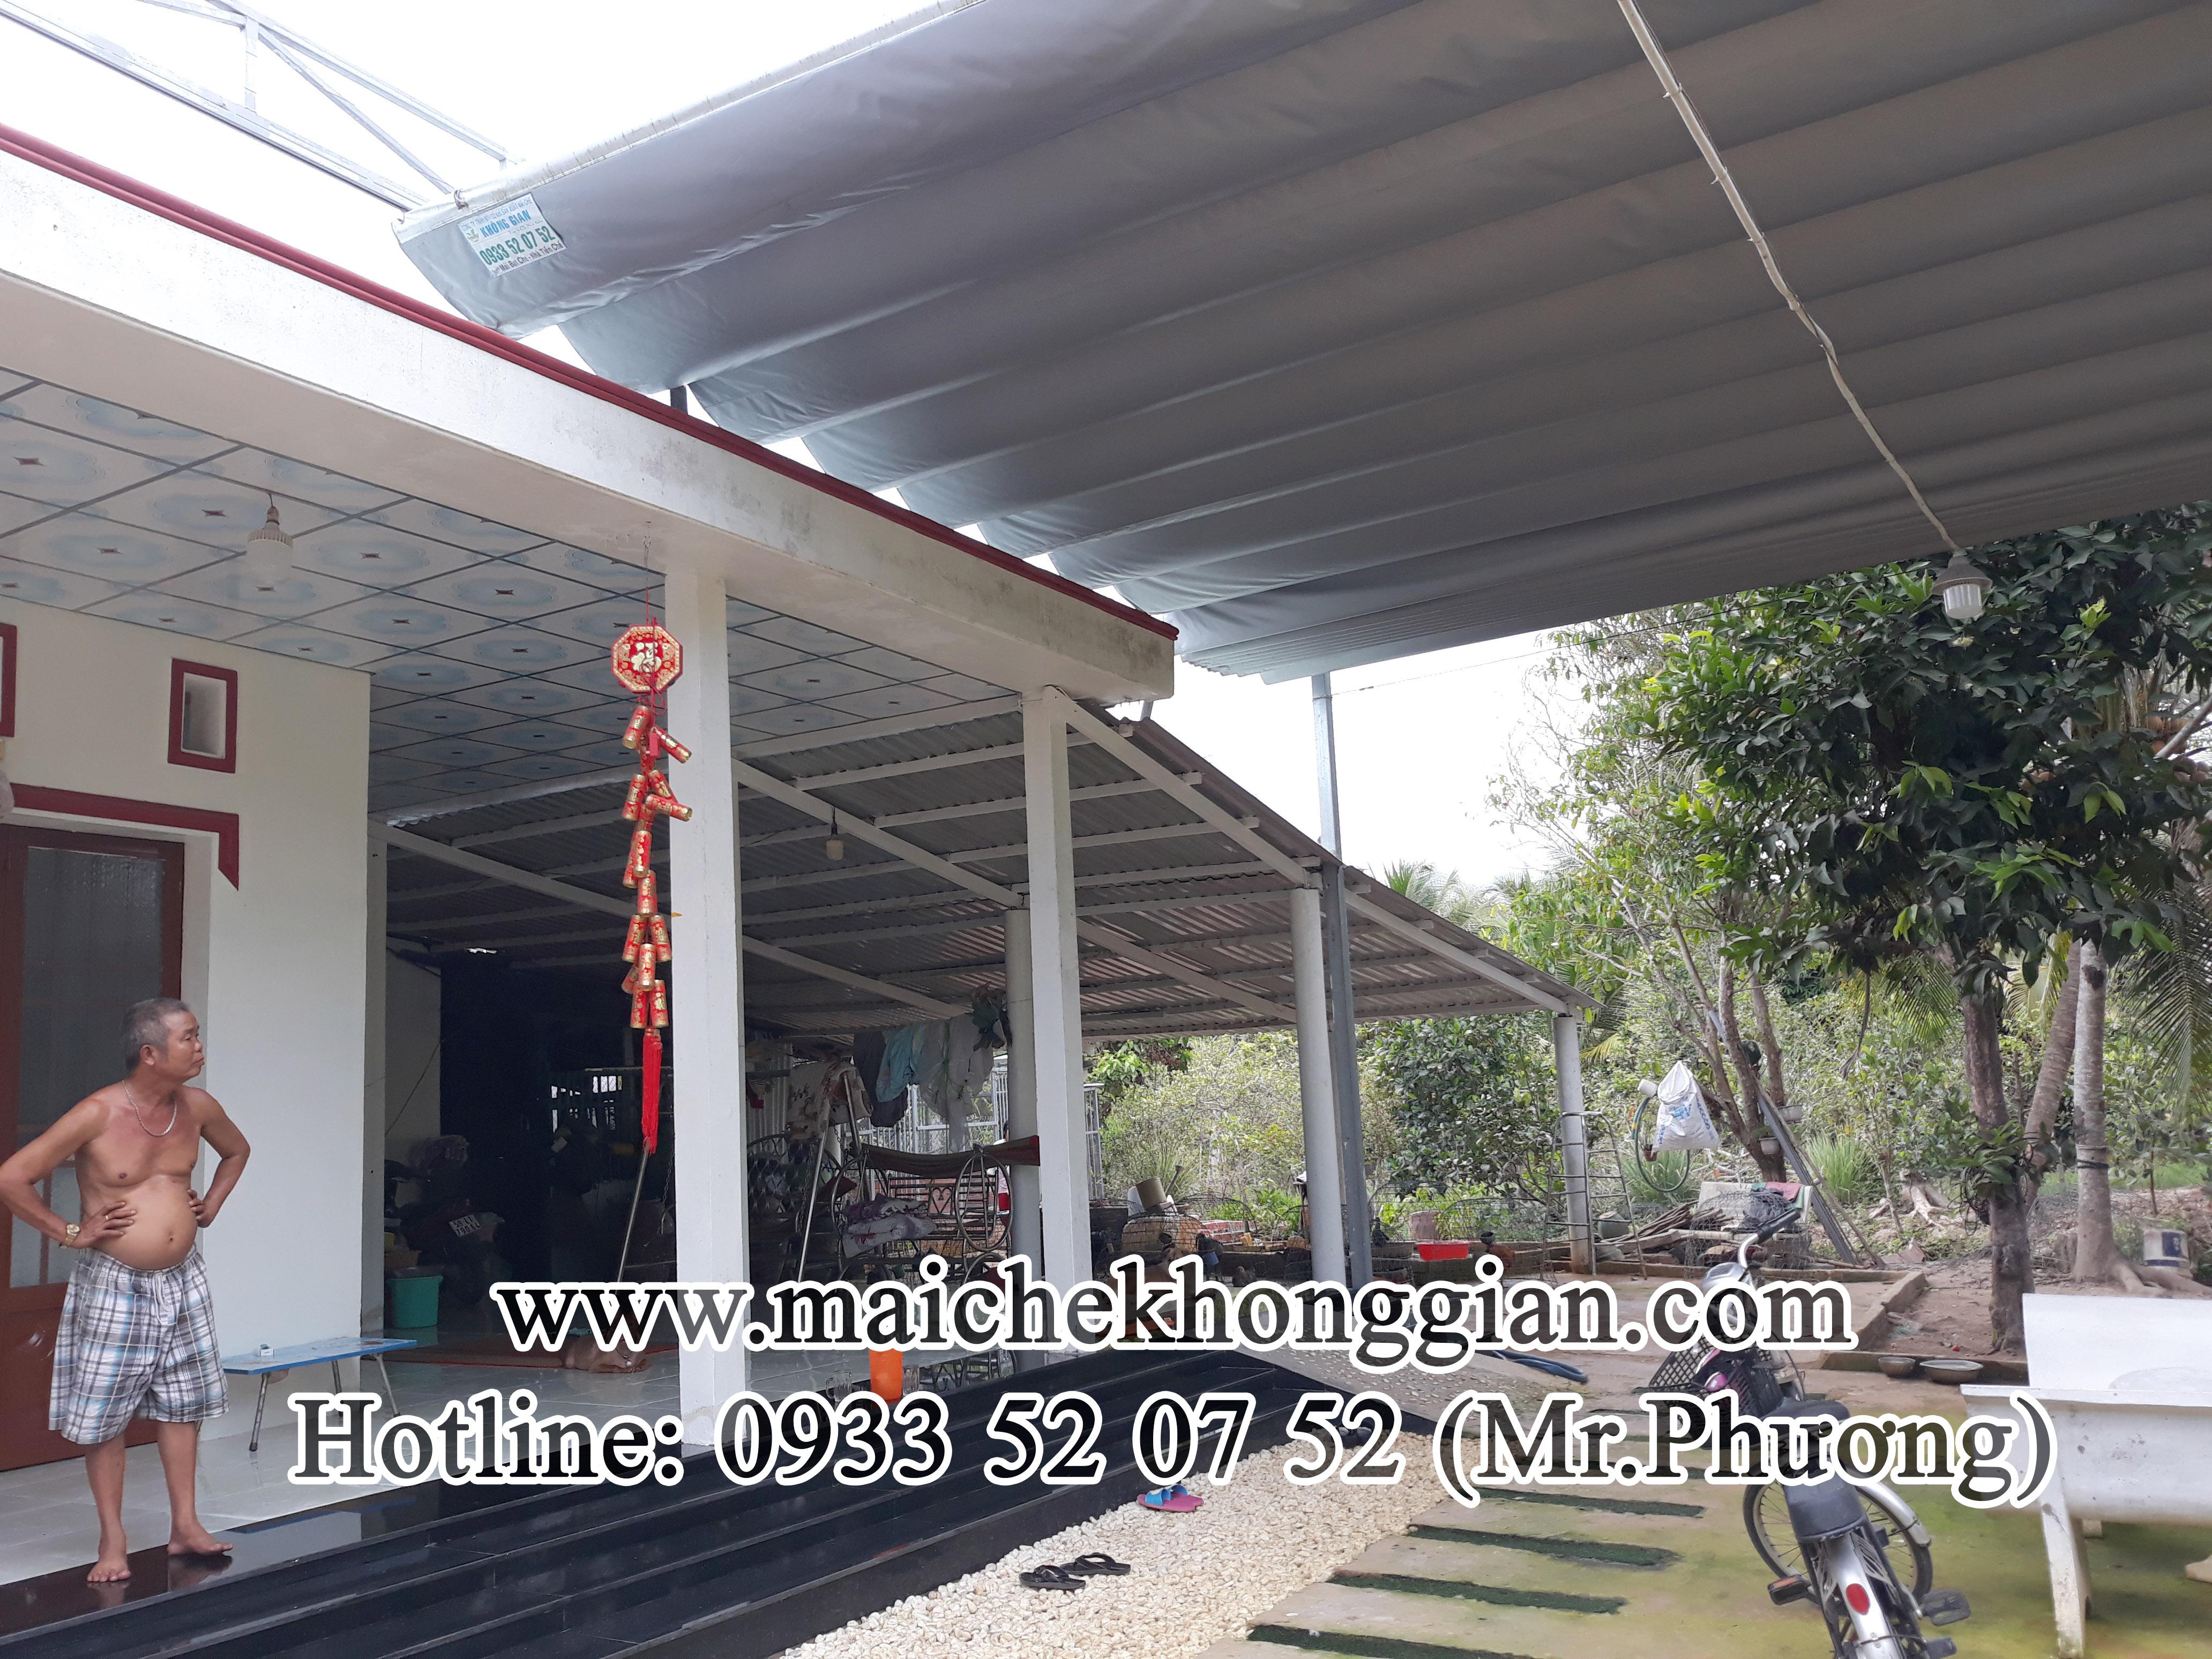 Mái xếp di động Gò Công Đông Tiền Giang